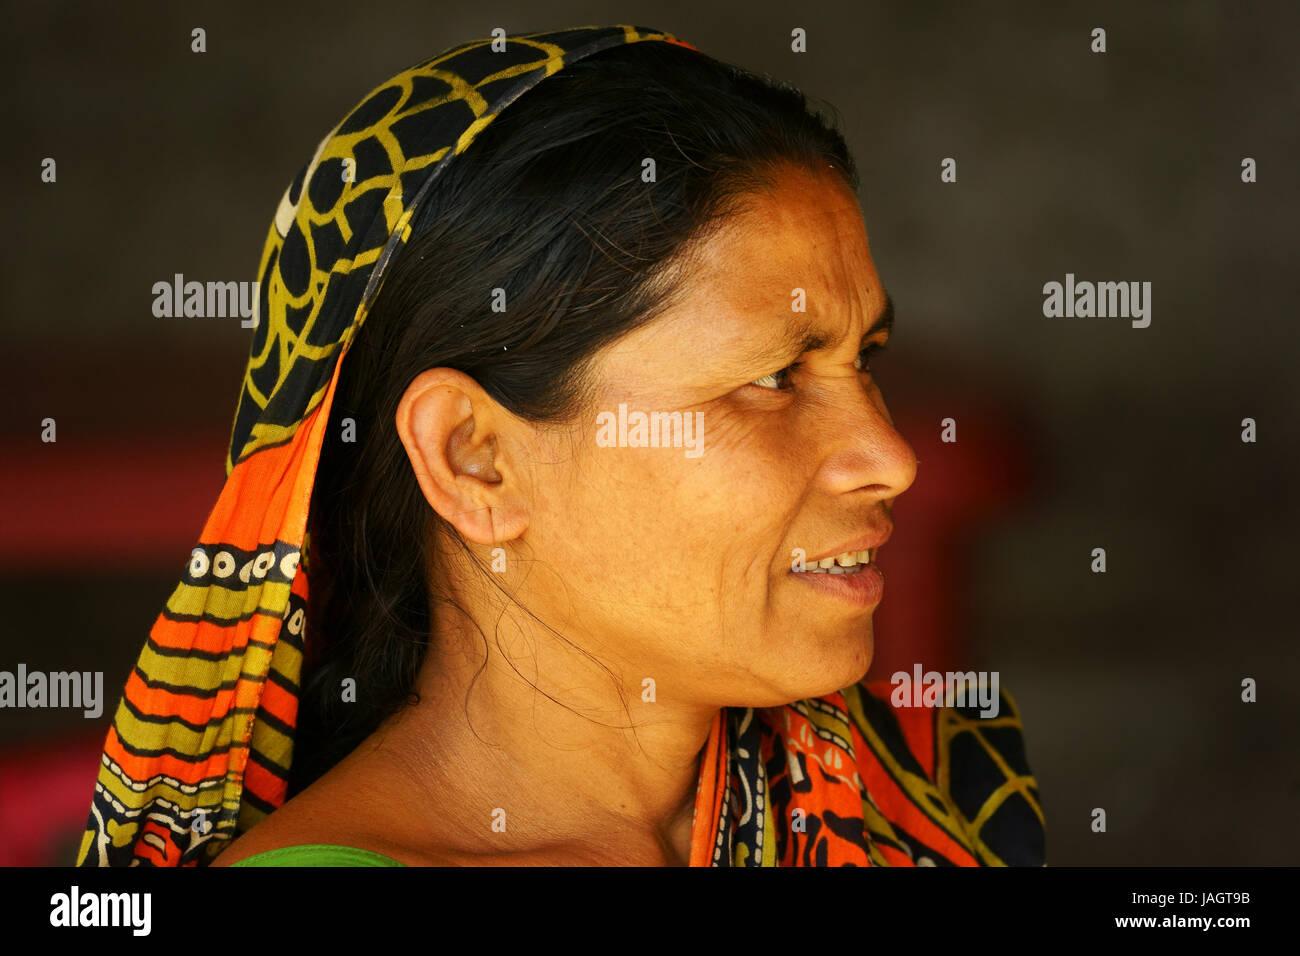 Bengali Woman Stock Photos & Bengali Woman Stock Images - Alamy